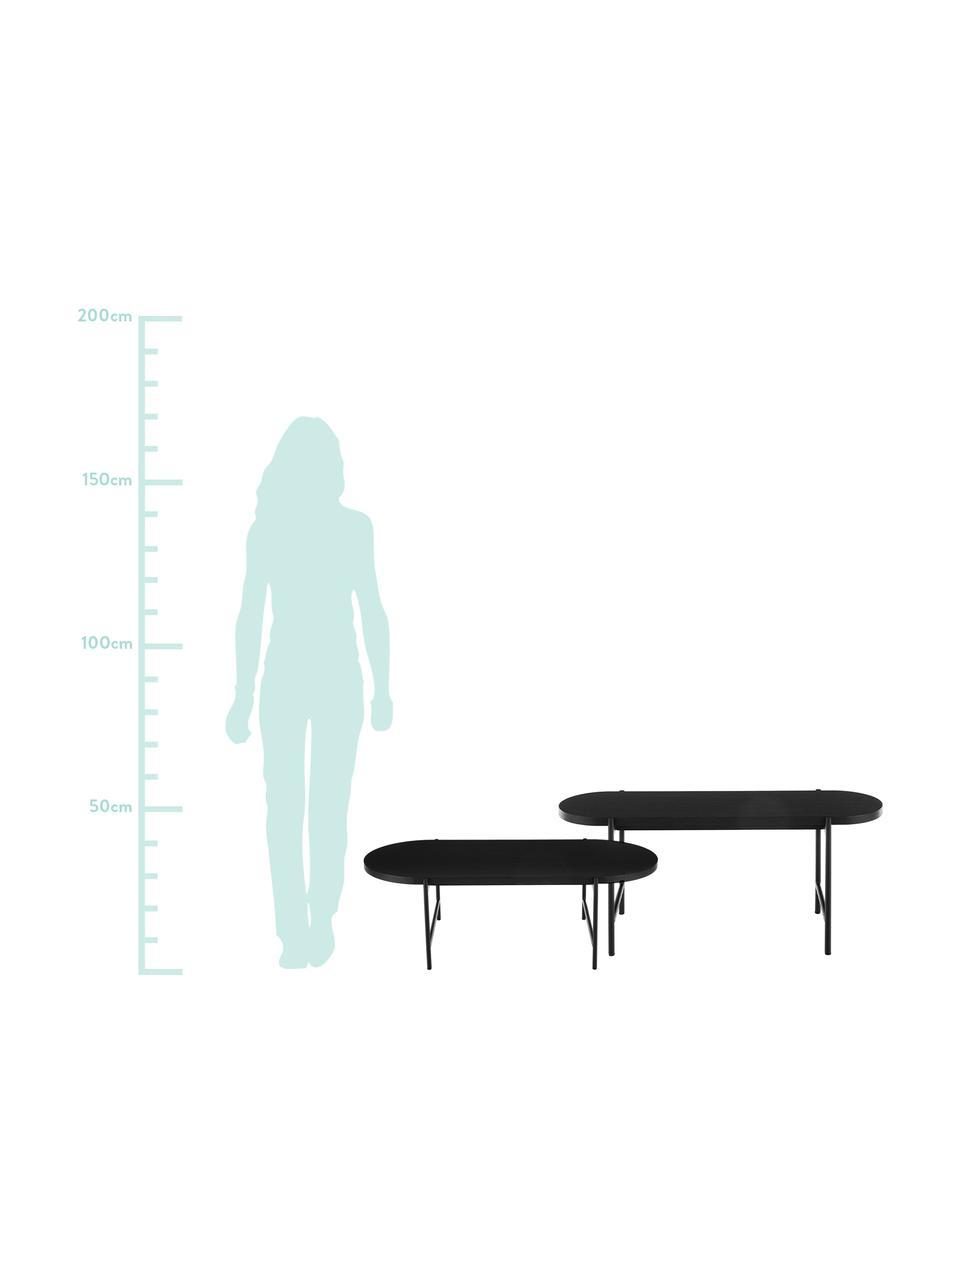 Schwarzes Couchtisch 2er-Set Mica mit Holzplatte, Tischplatten: Eichenholzfurnier, schwarz lackiertBeine: Schwarz, matt, Sondergrößen